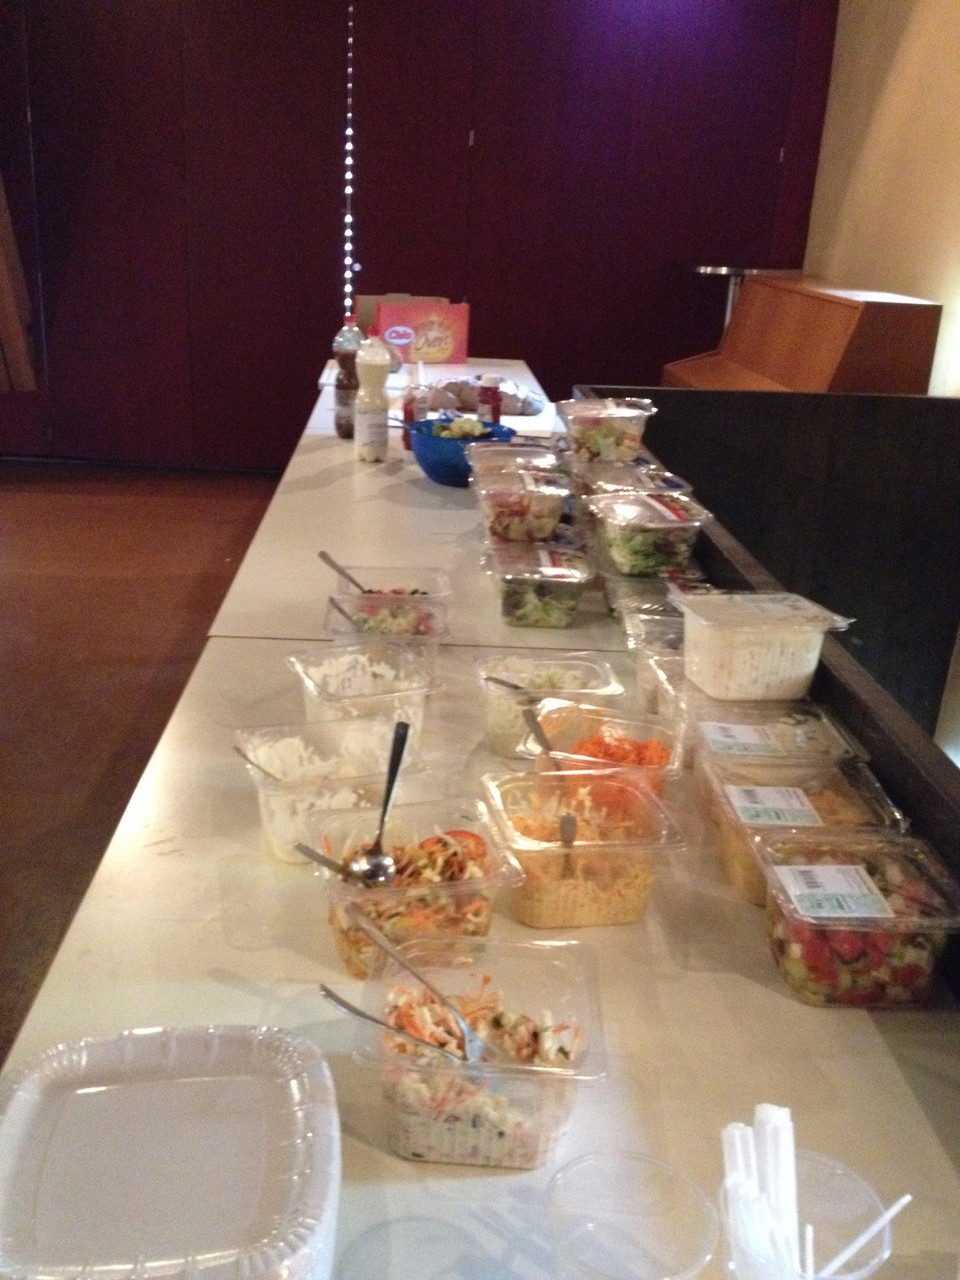 Das von der Firma Gastro Star gesponsorte Salatbuffet